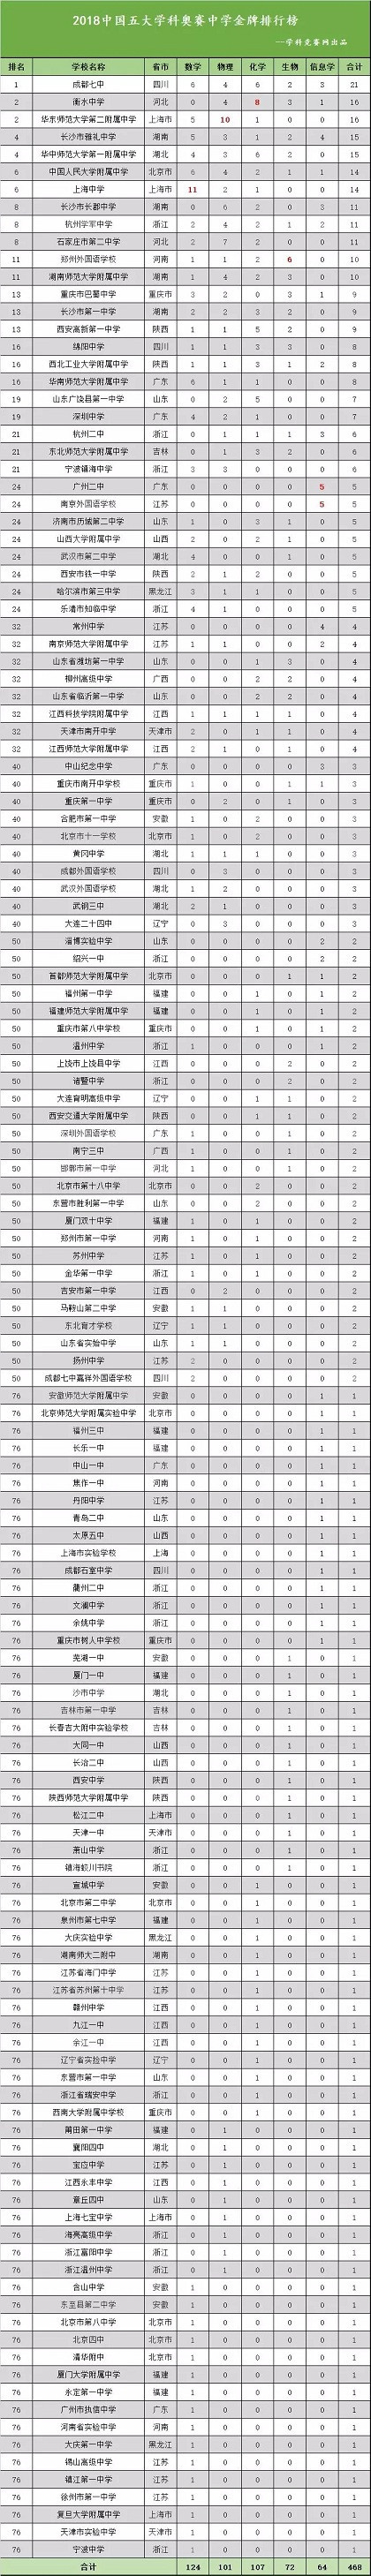 2018年五大学科竞赛金奖牌榜,成都七中占鳌头,两所县中成黑马